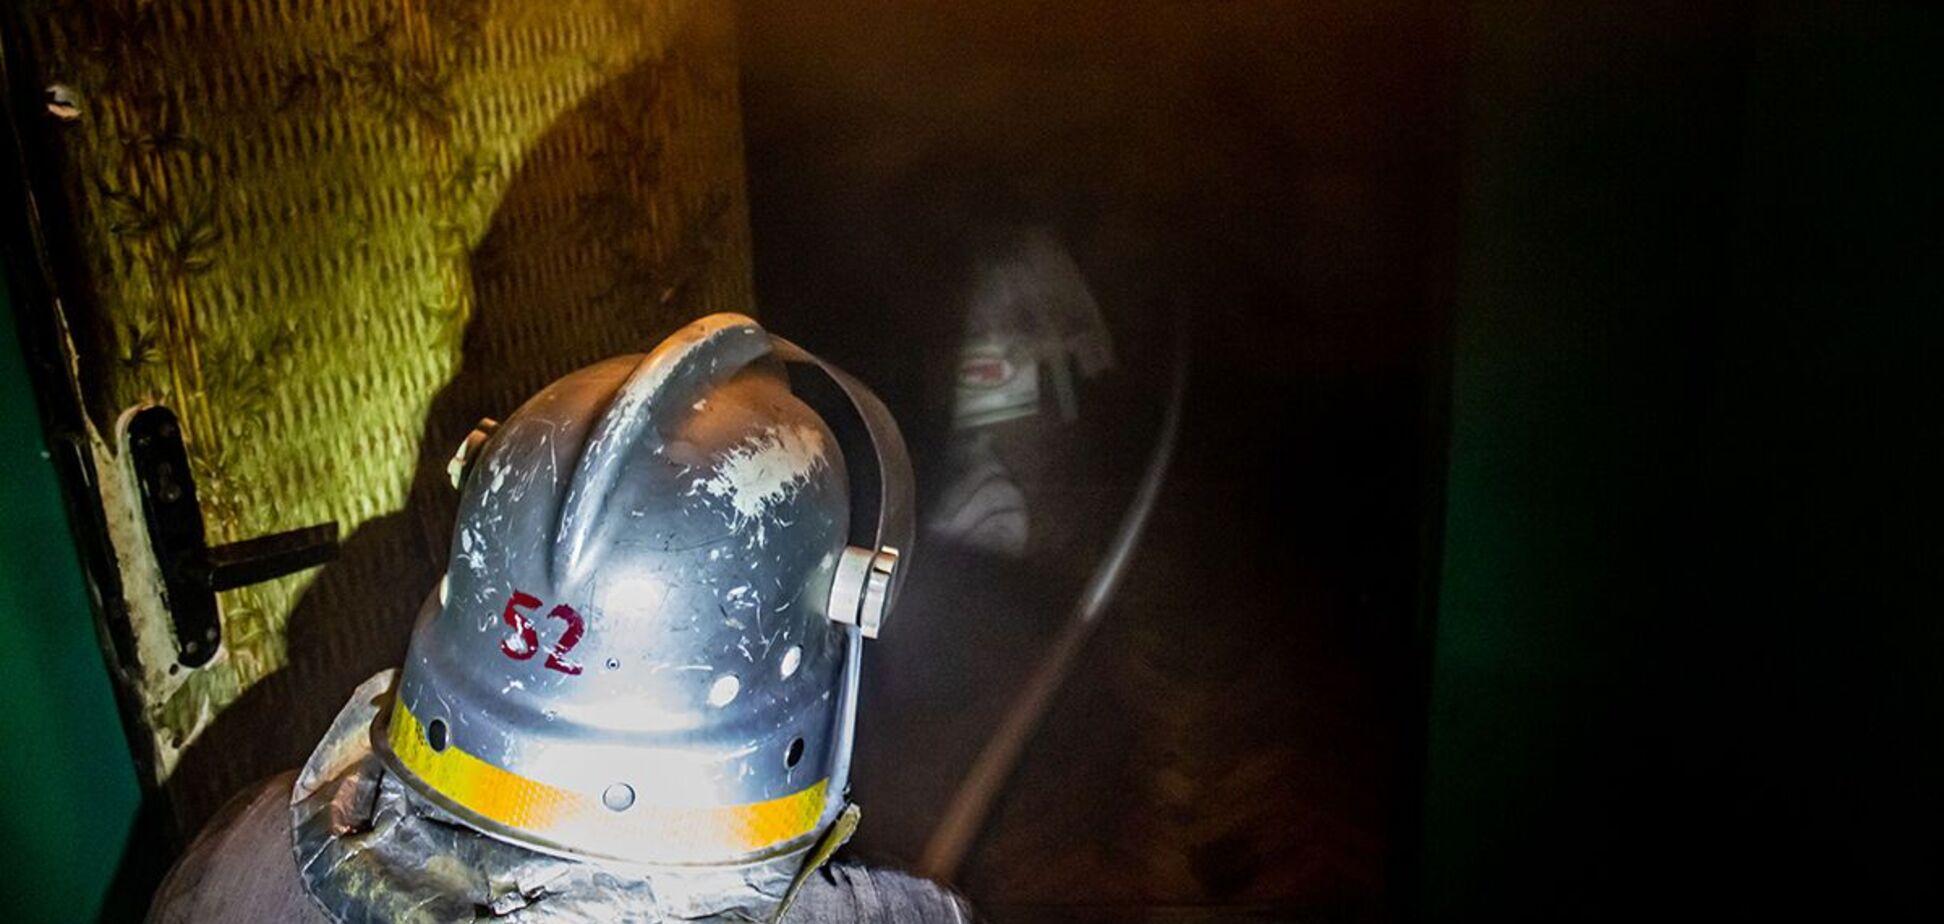 На Дніпропетровщині пожежа в багатоповерхівці забрала життя жінки. Фото з місця НП